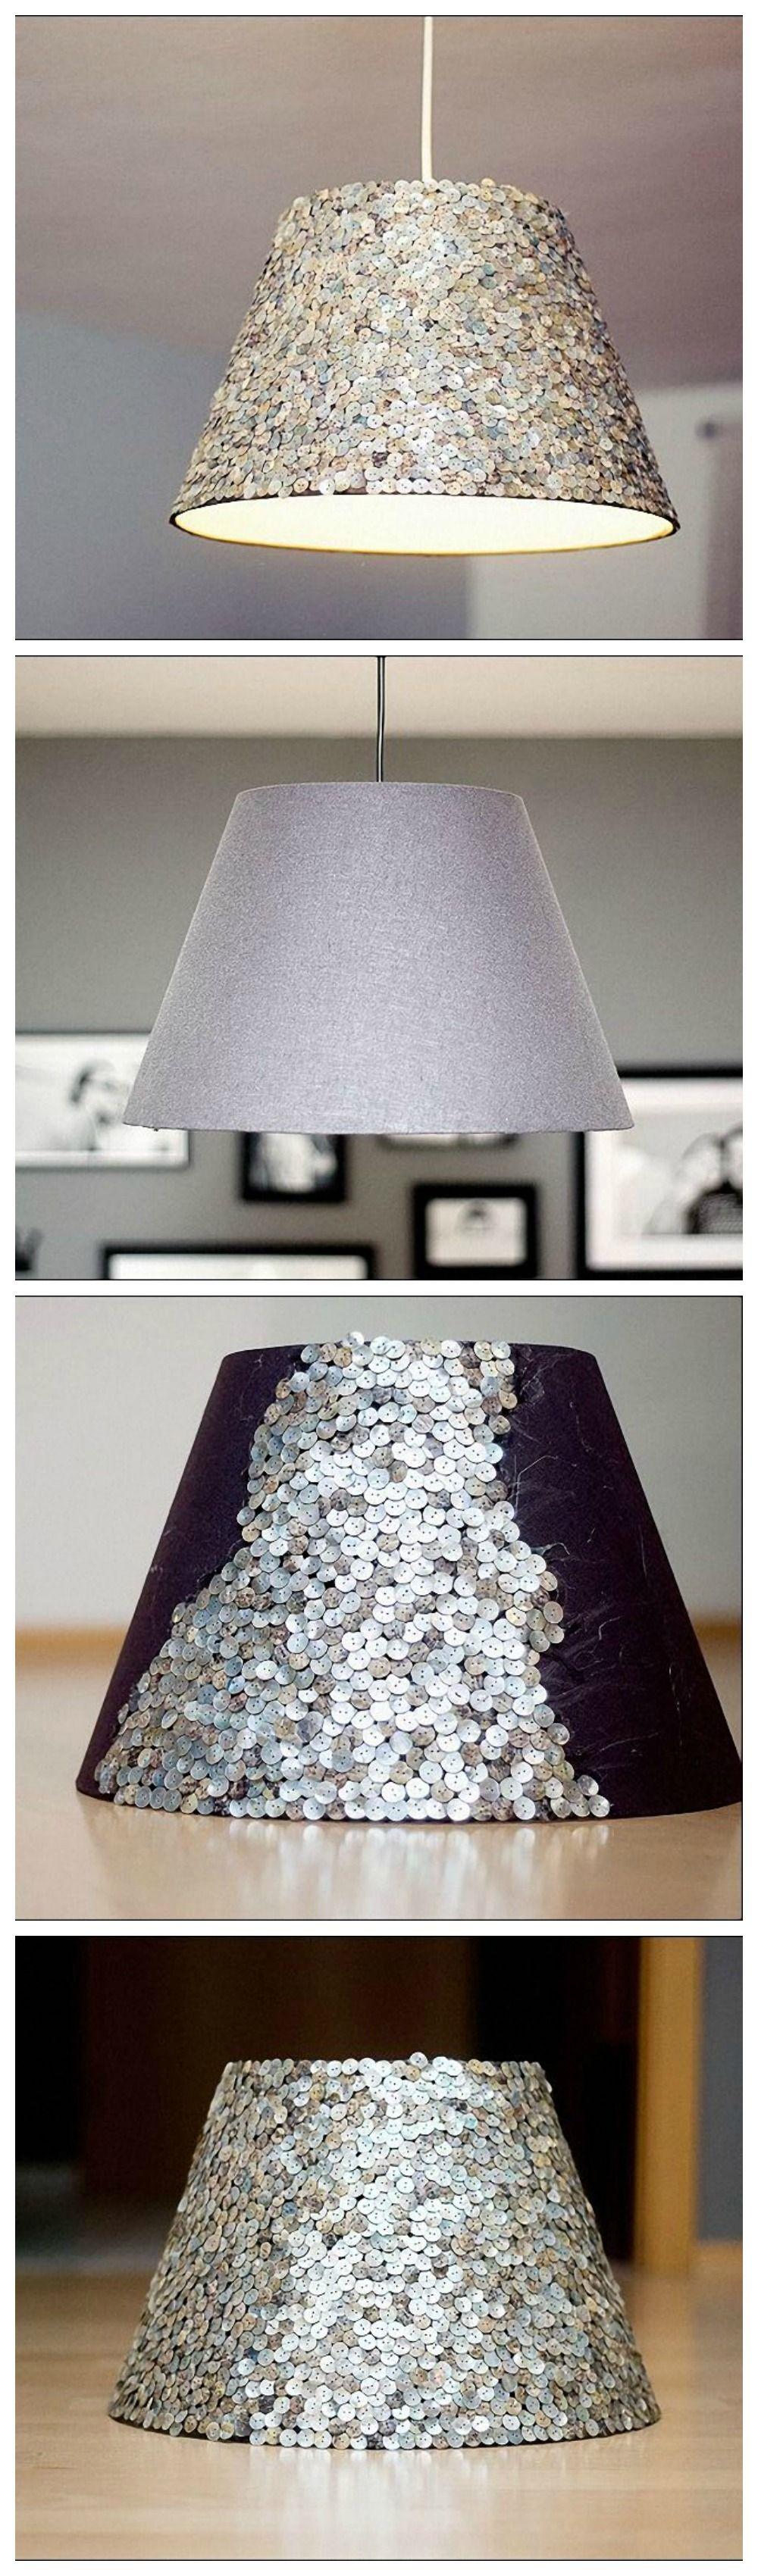 kostenlose anleitung lampenschirm mit pailletten zum glitzern bringen free diy tutorial. Black Bedroom Furniture Sets. Home Design Ideas